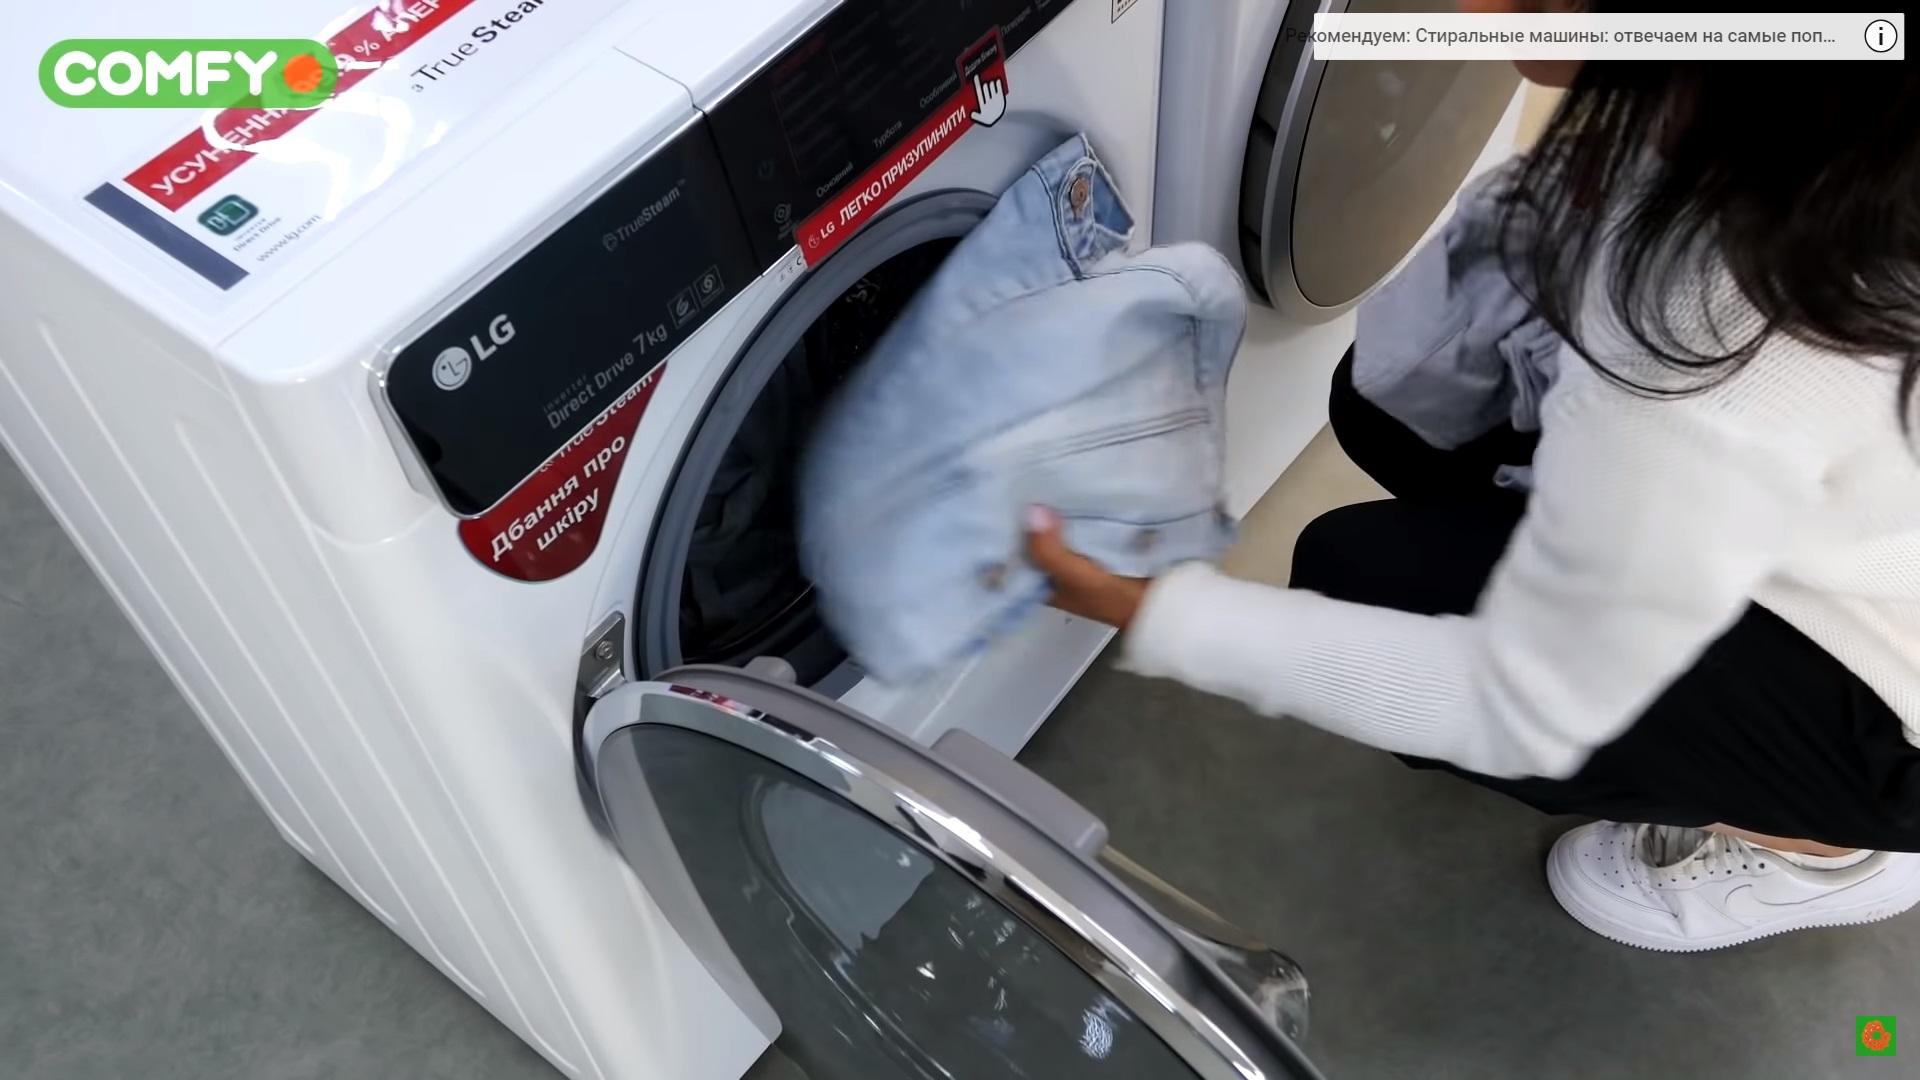 Зачем нужна функция ПАР в стиральных машинах - закладываем вещи в стиралку